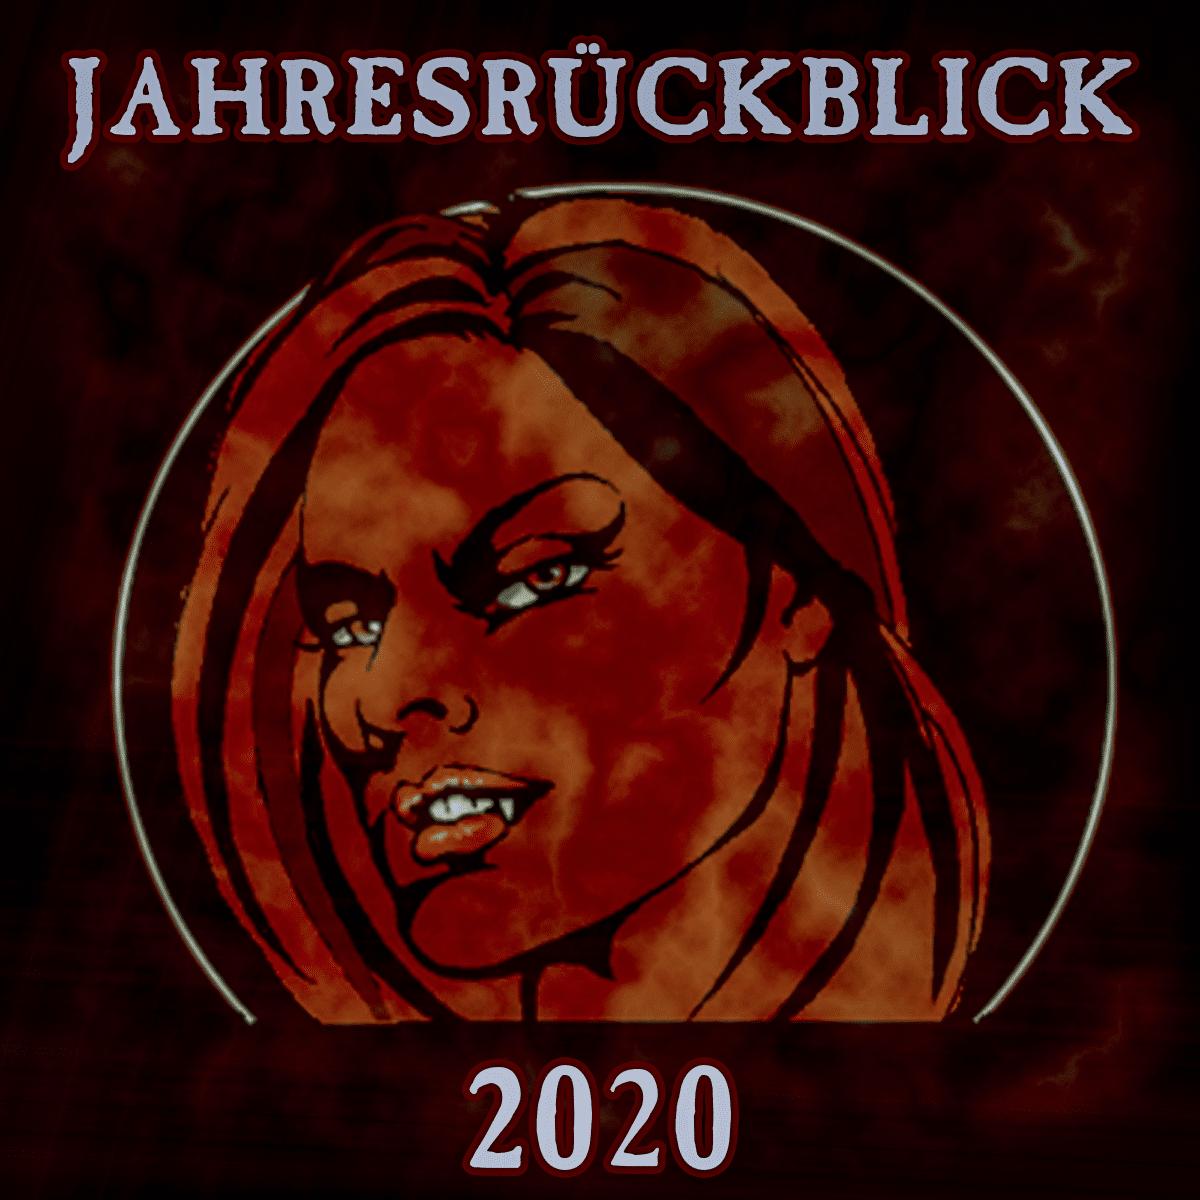 jahresruckblick-2020-von-markus